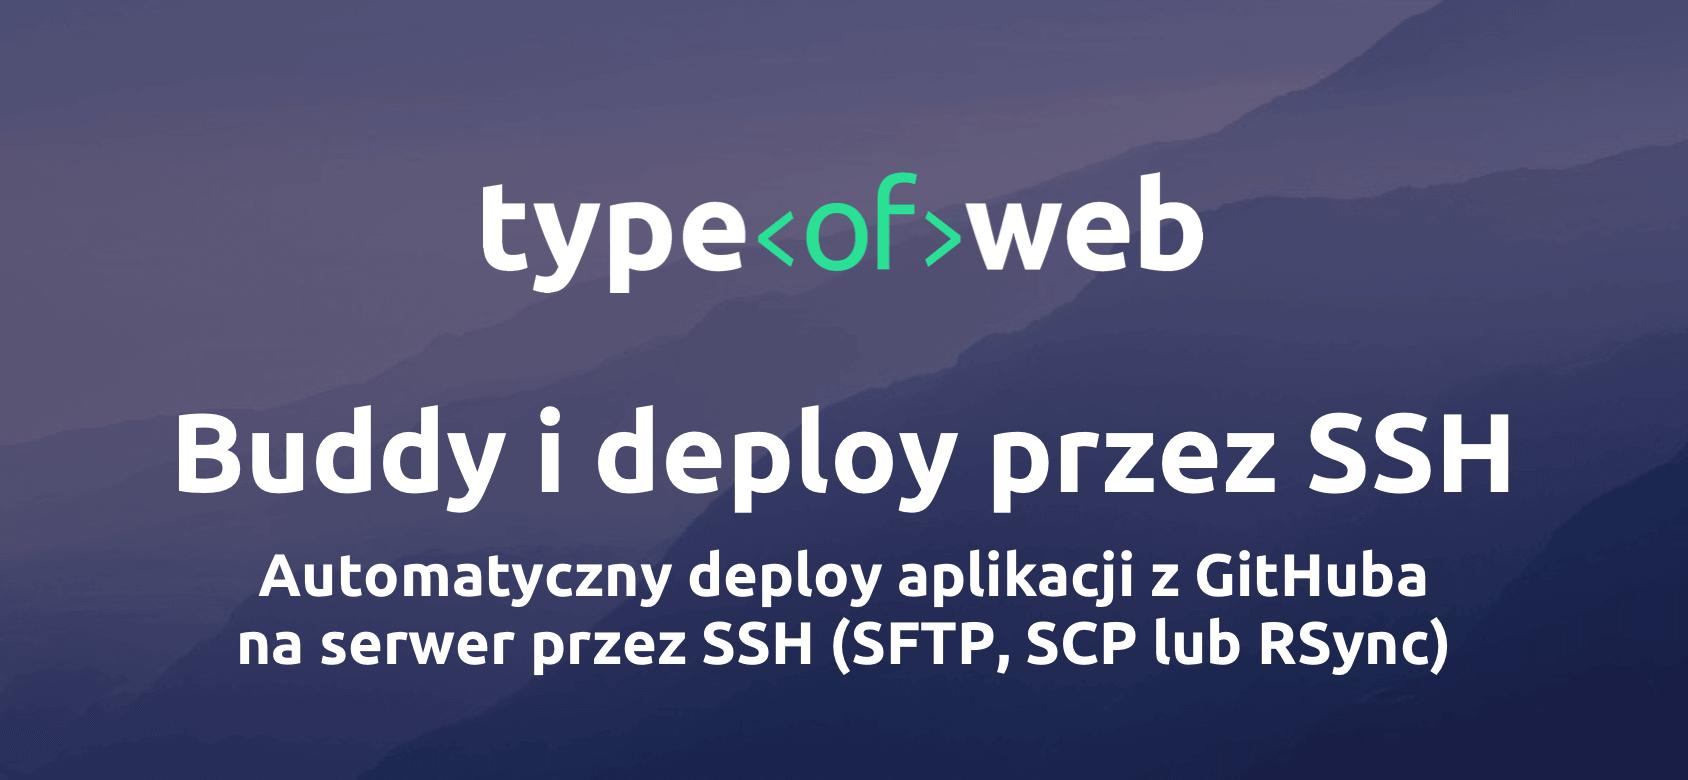 Automatyczny deploy aplikacji z GitHuba na serwer przez SSH (SFTP, SCP lub RSync)